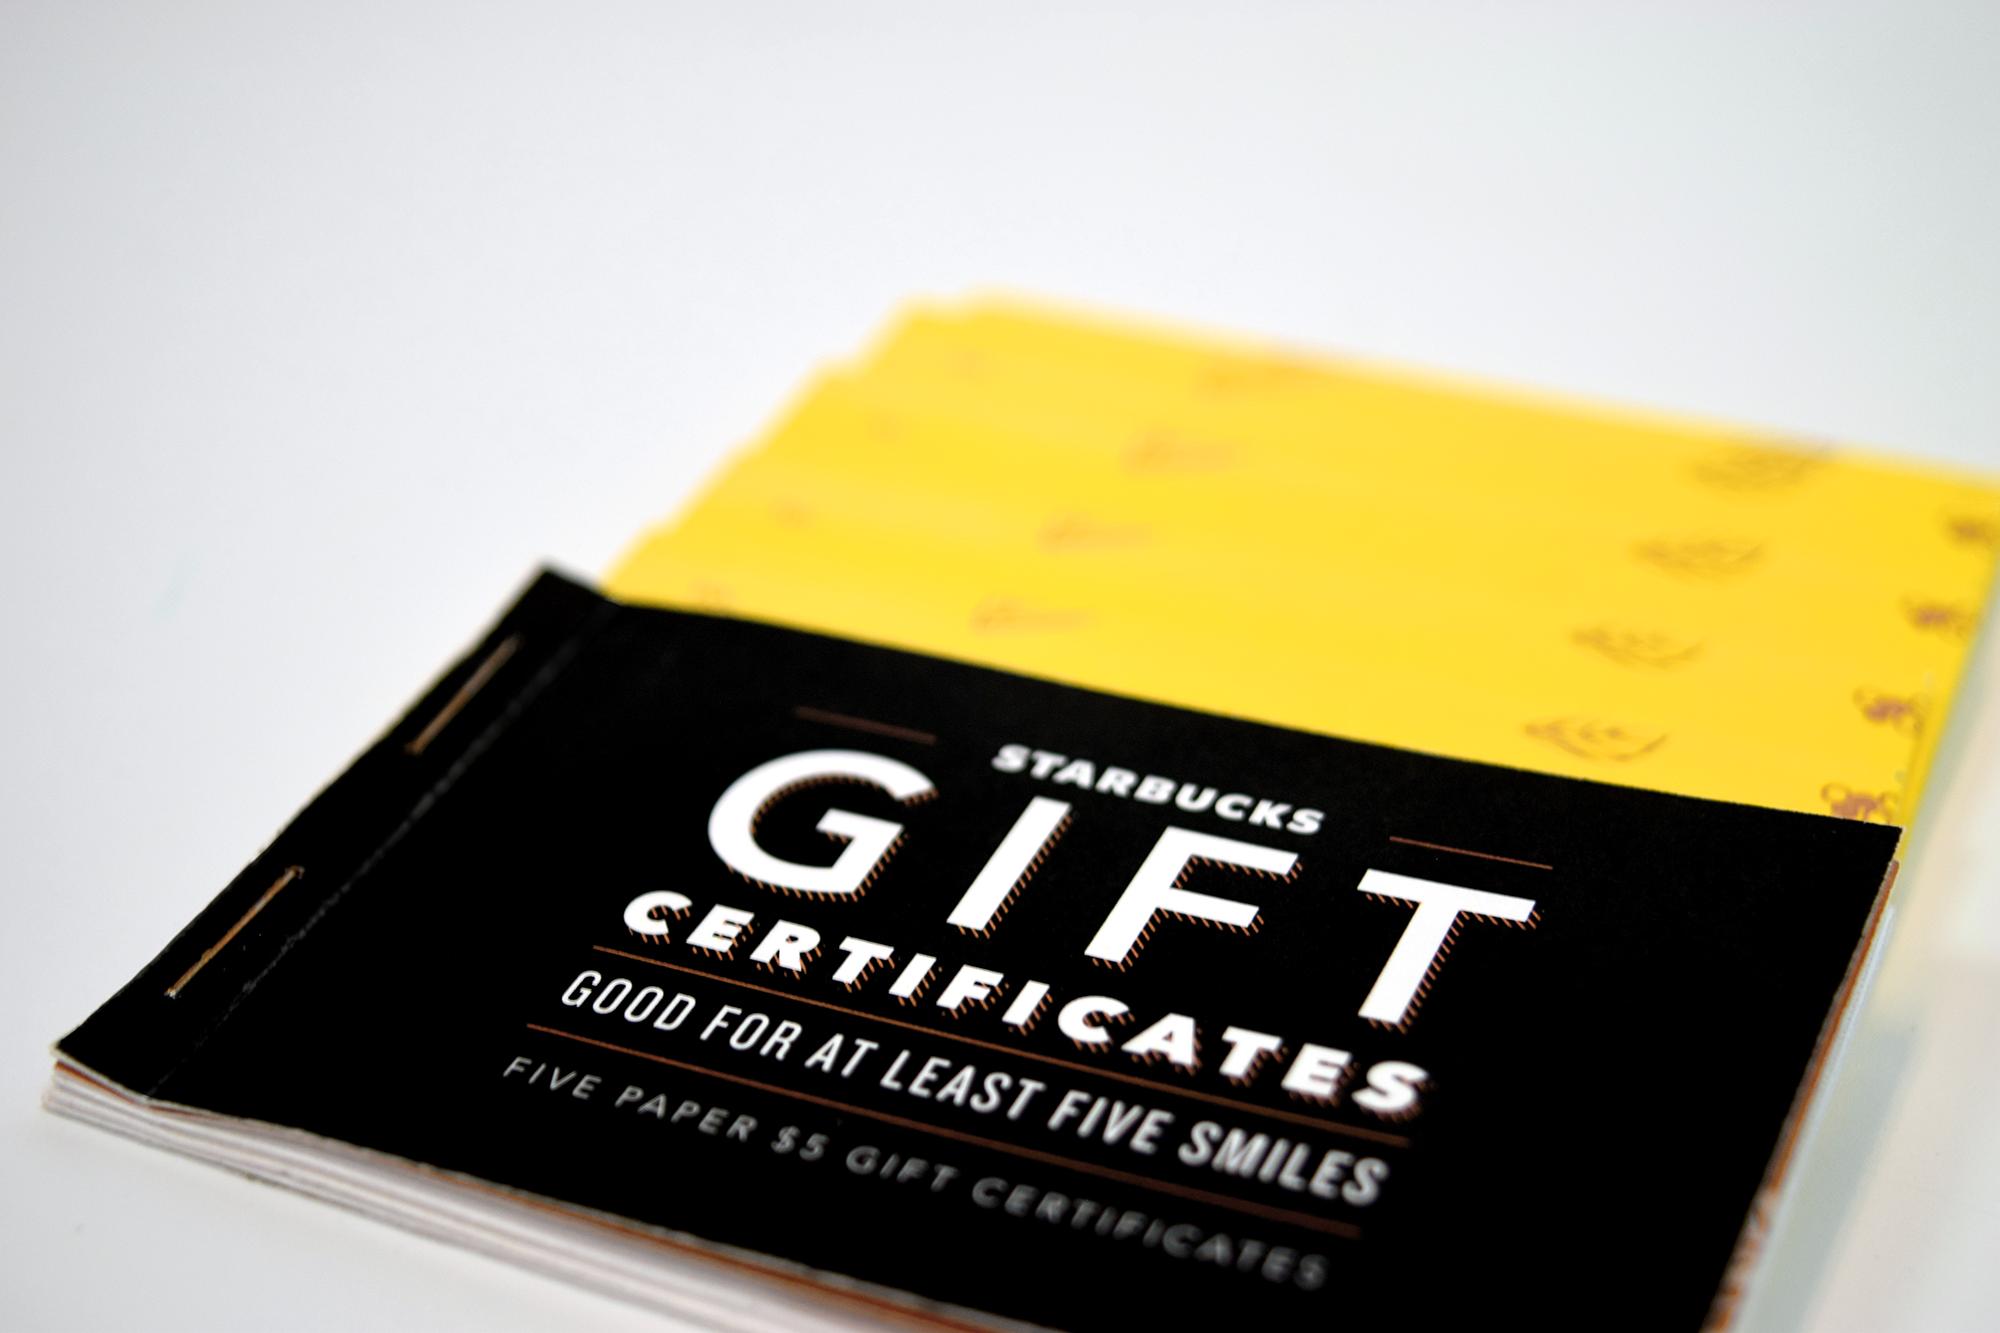 Starbucks Gift Certificate Booklet